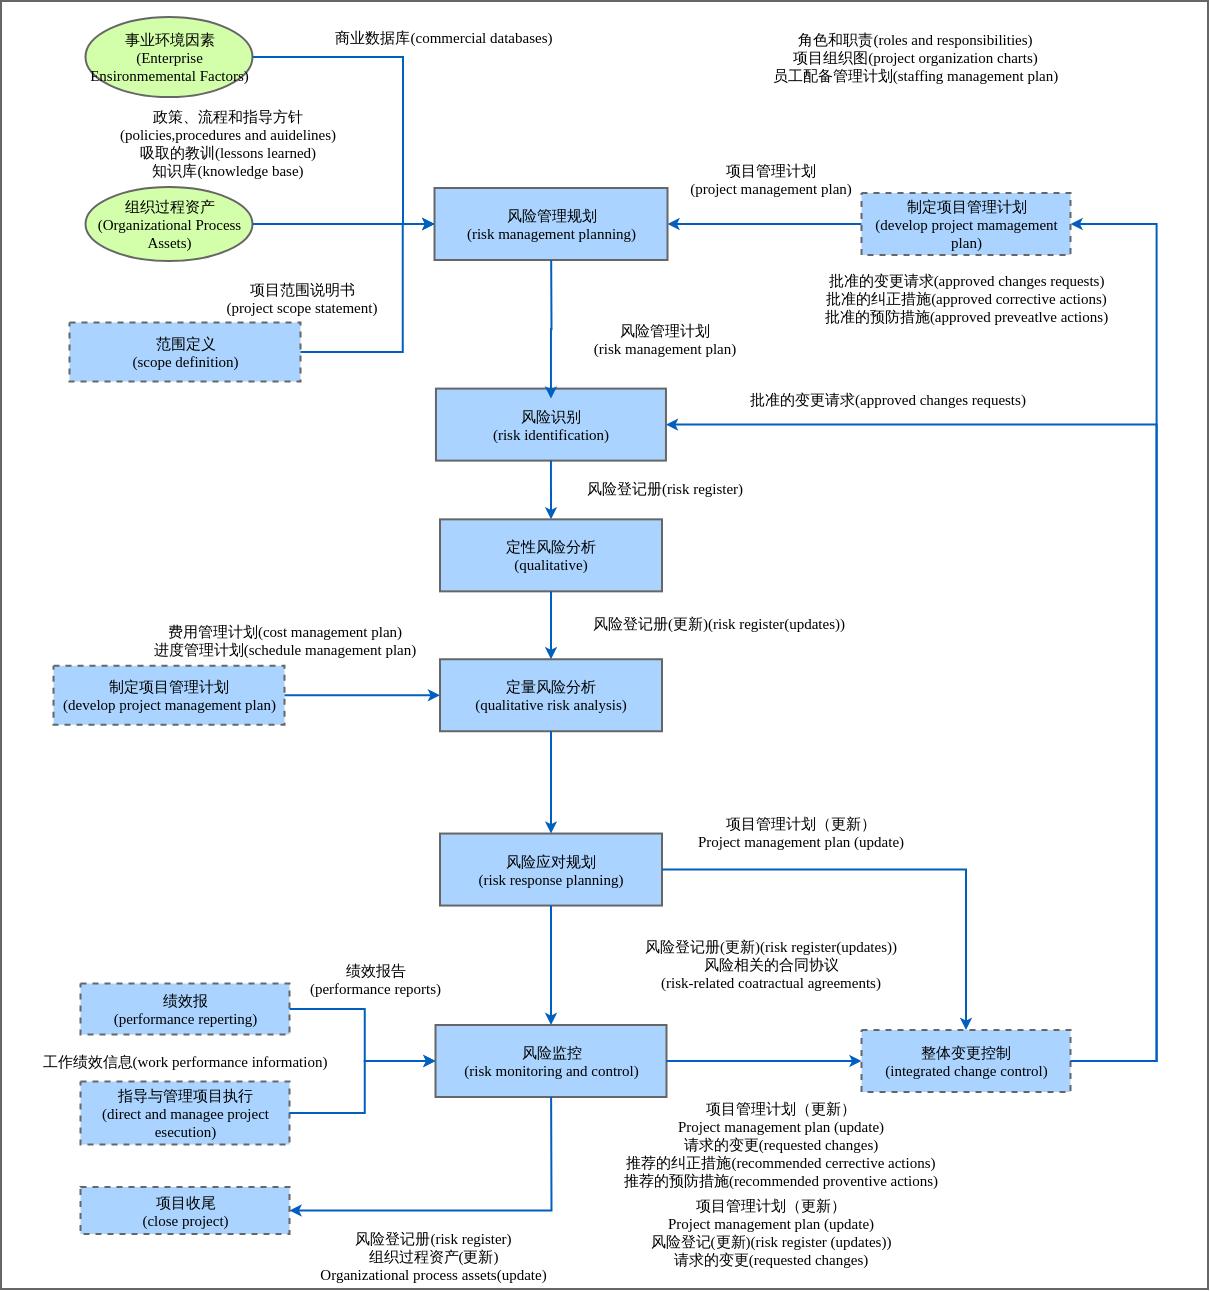 项目管理流程-风险管理